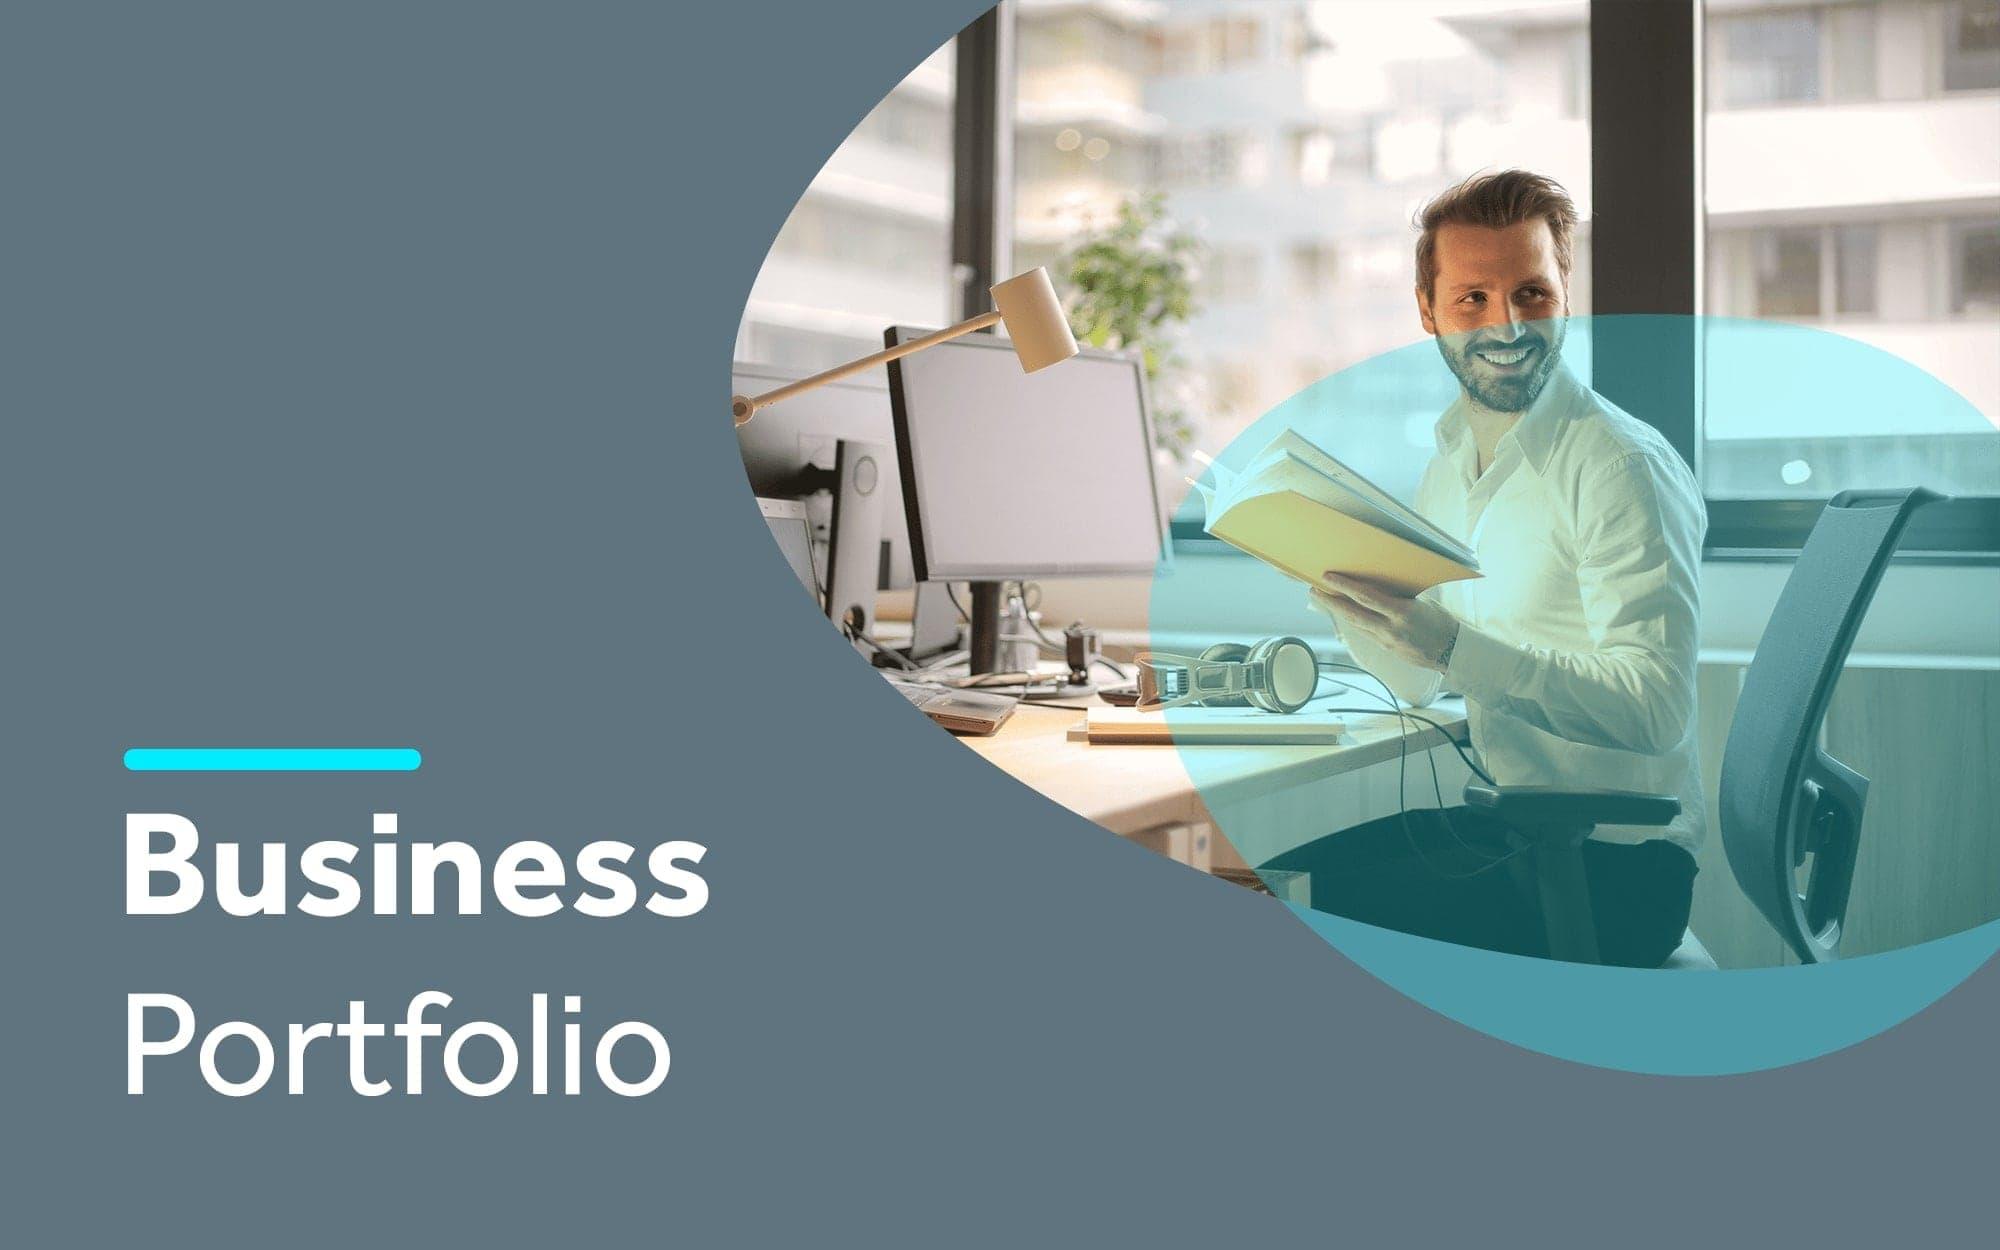 Business portfolio template cover